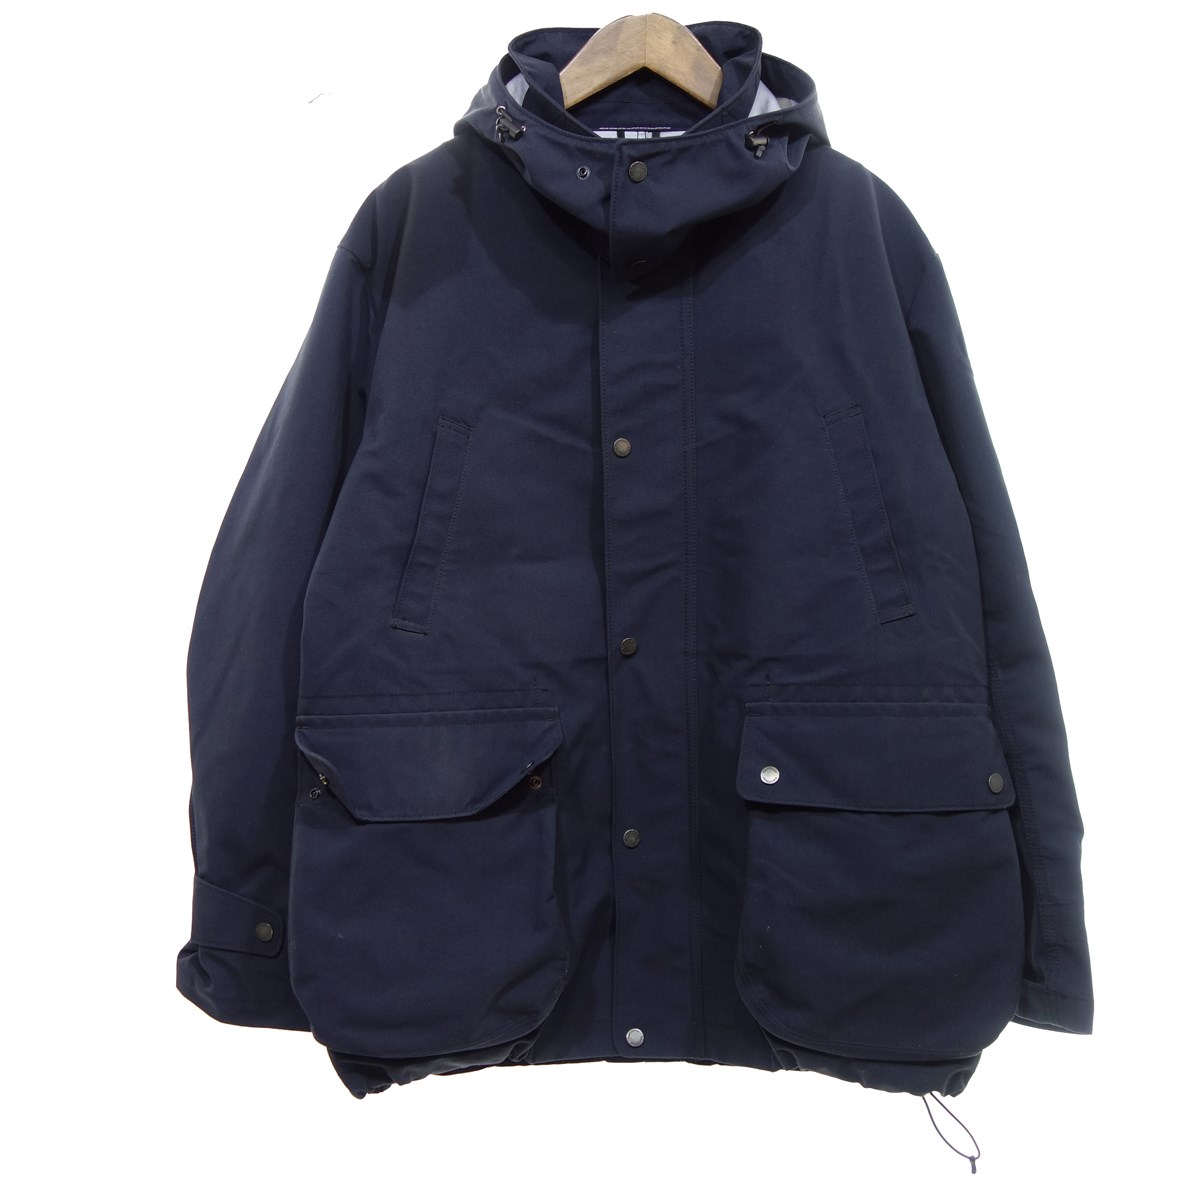 【中古】karrimor 【2019A/W】cordura 3L hoodie マウテンパーカー ブラック サイズ:L 【050720】(カリマー)